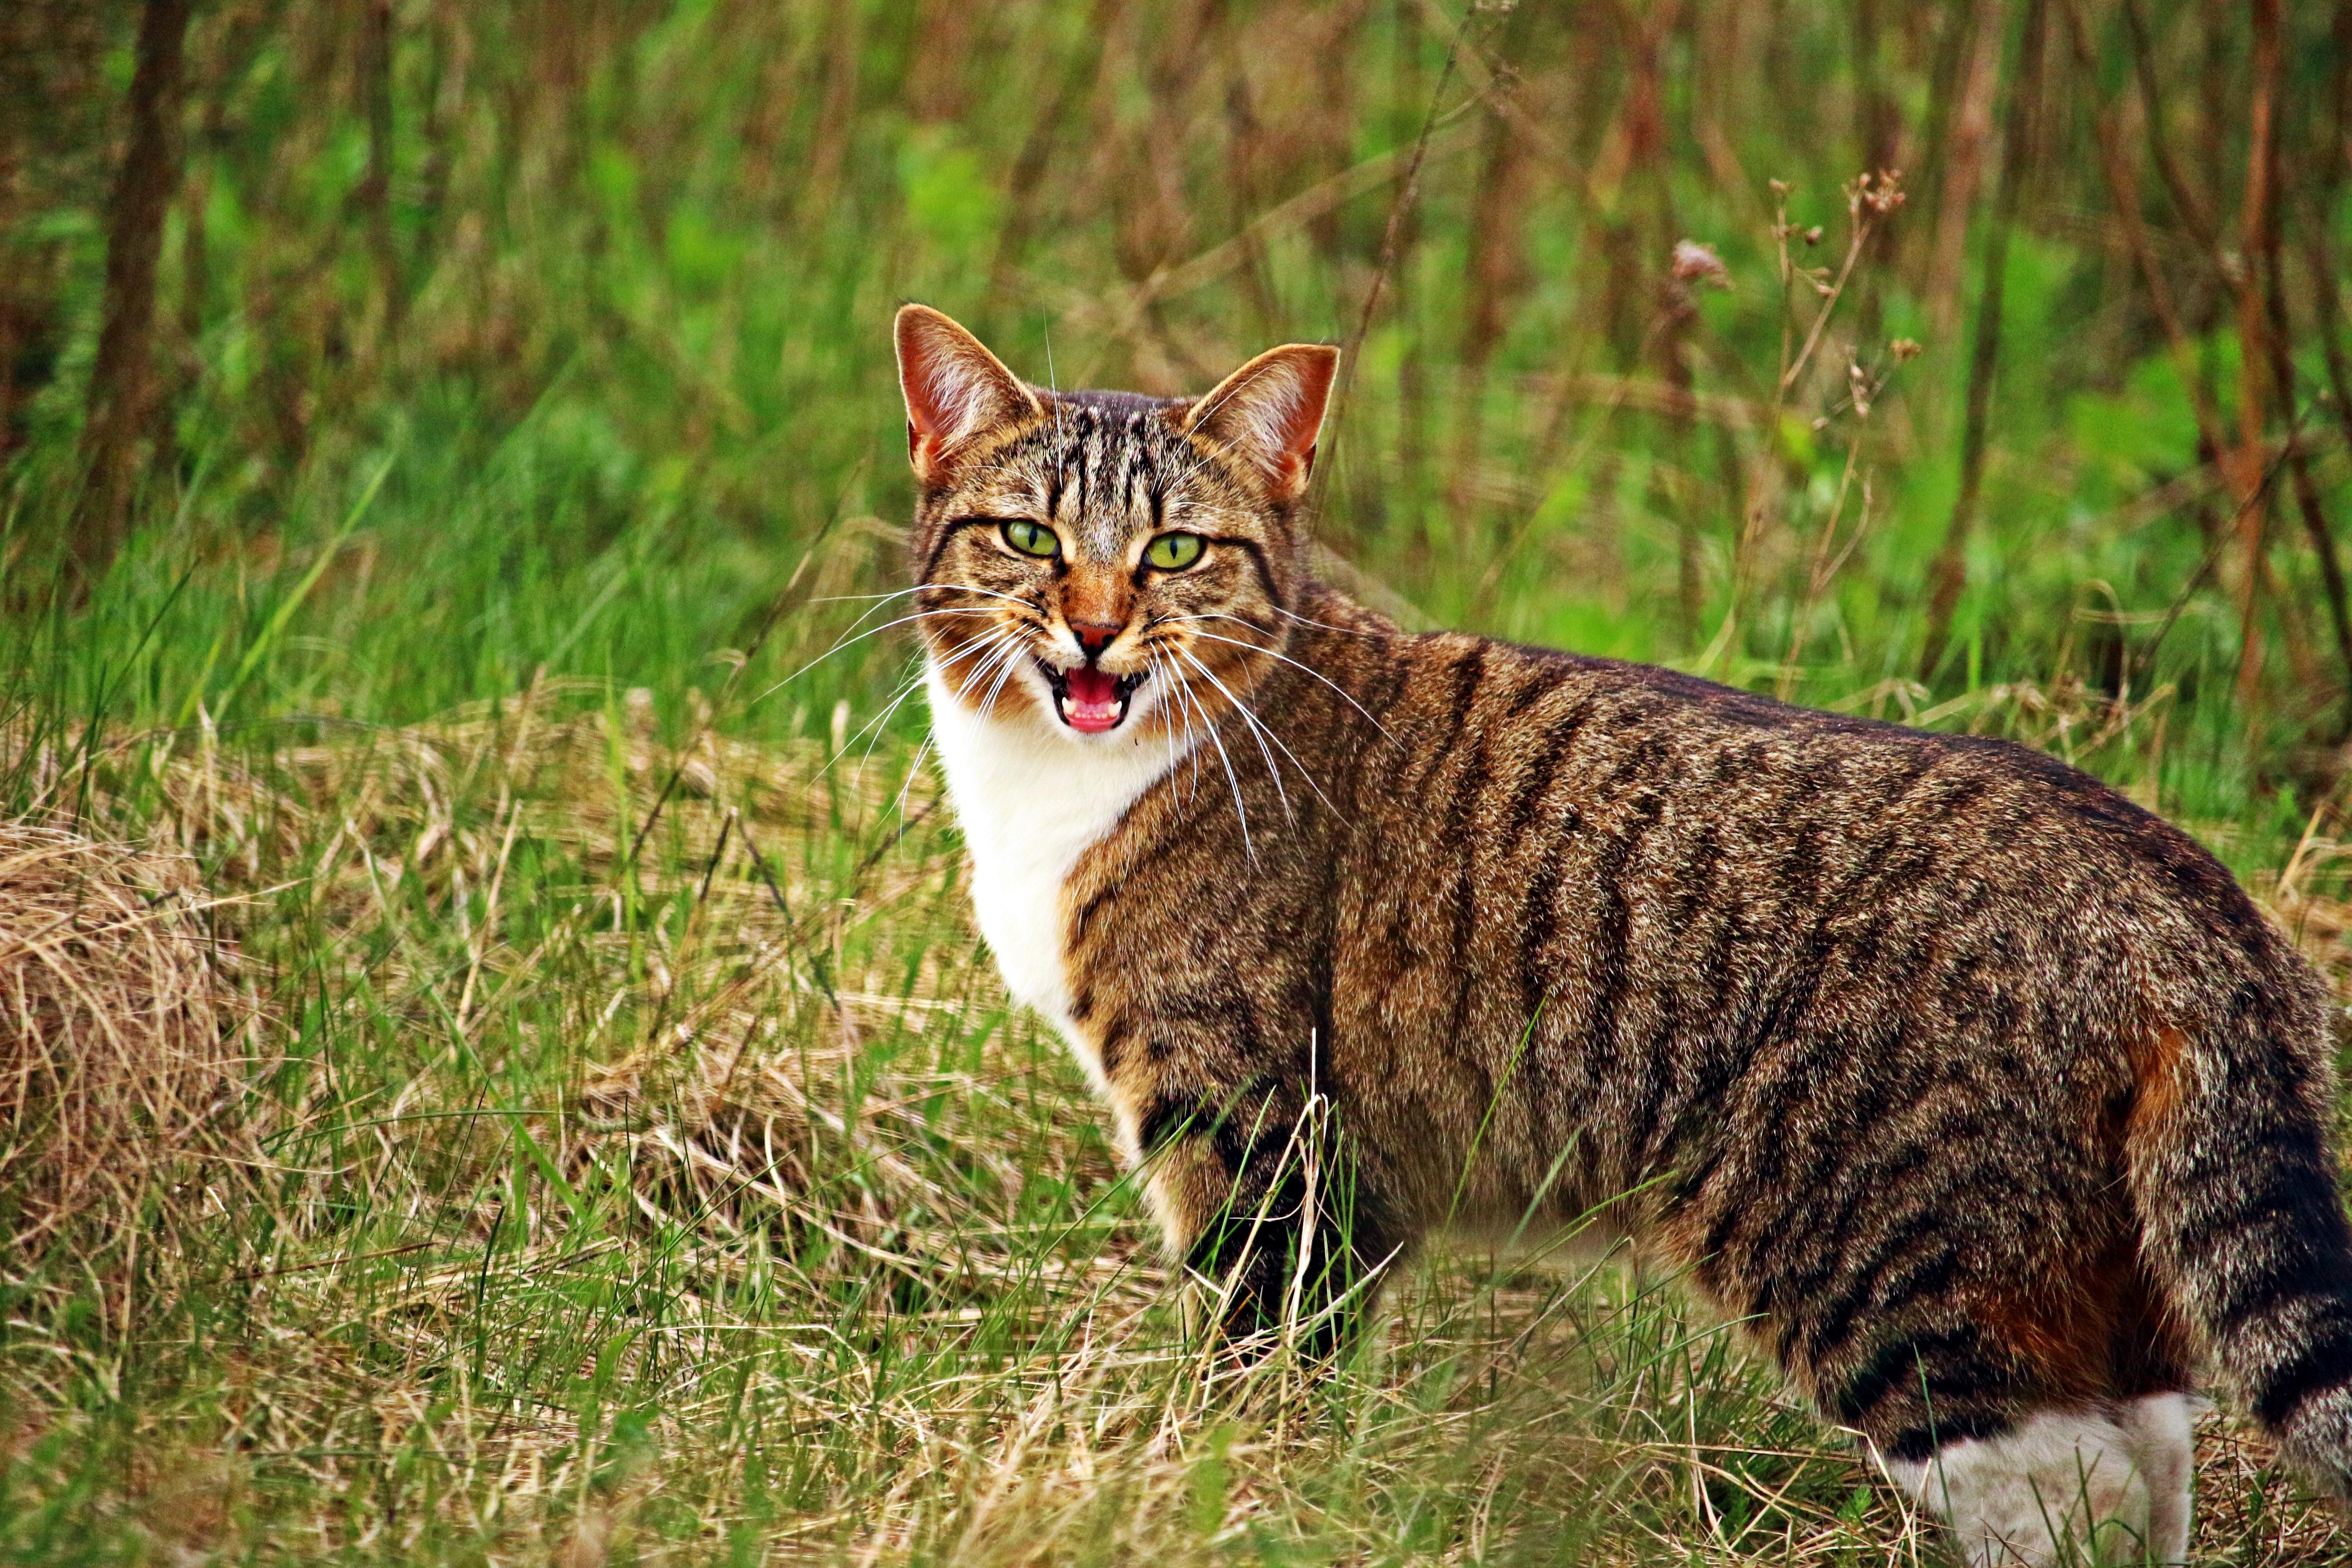 60537 Hintergrundbild herunterladen Tiere, Grass, Der Kater, Katze, Schrei, Weinen - Bildschirmschoner und Bilder kostenlos